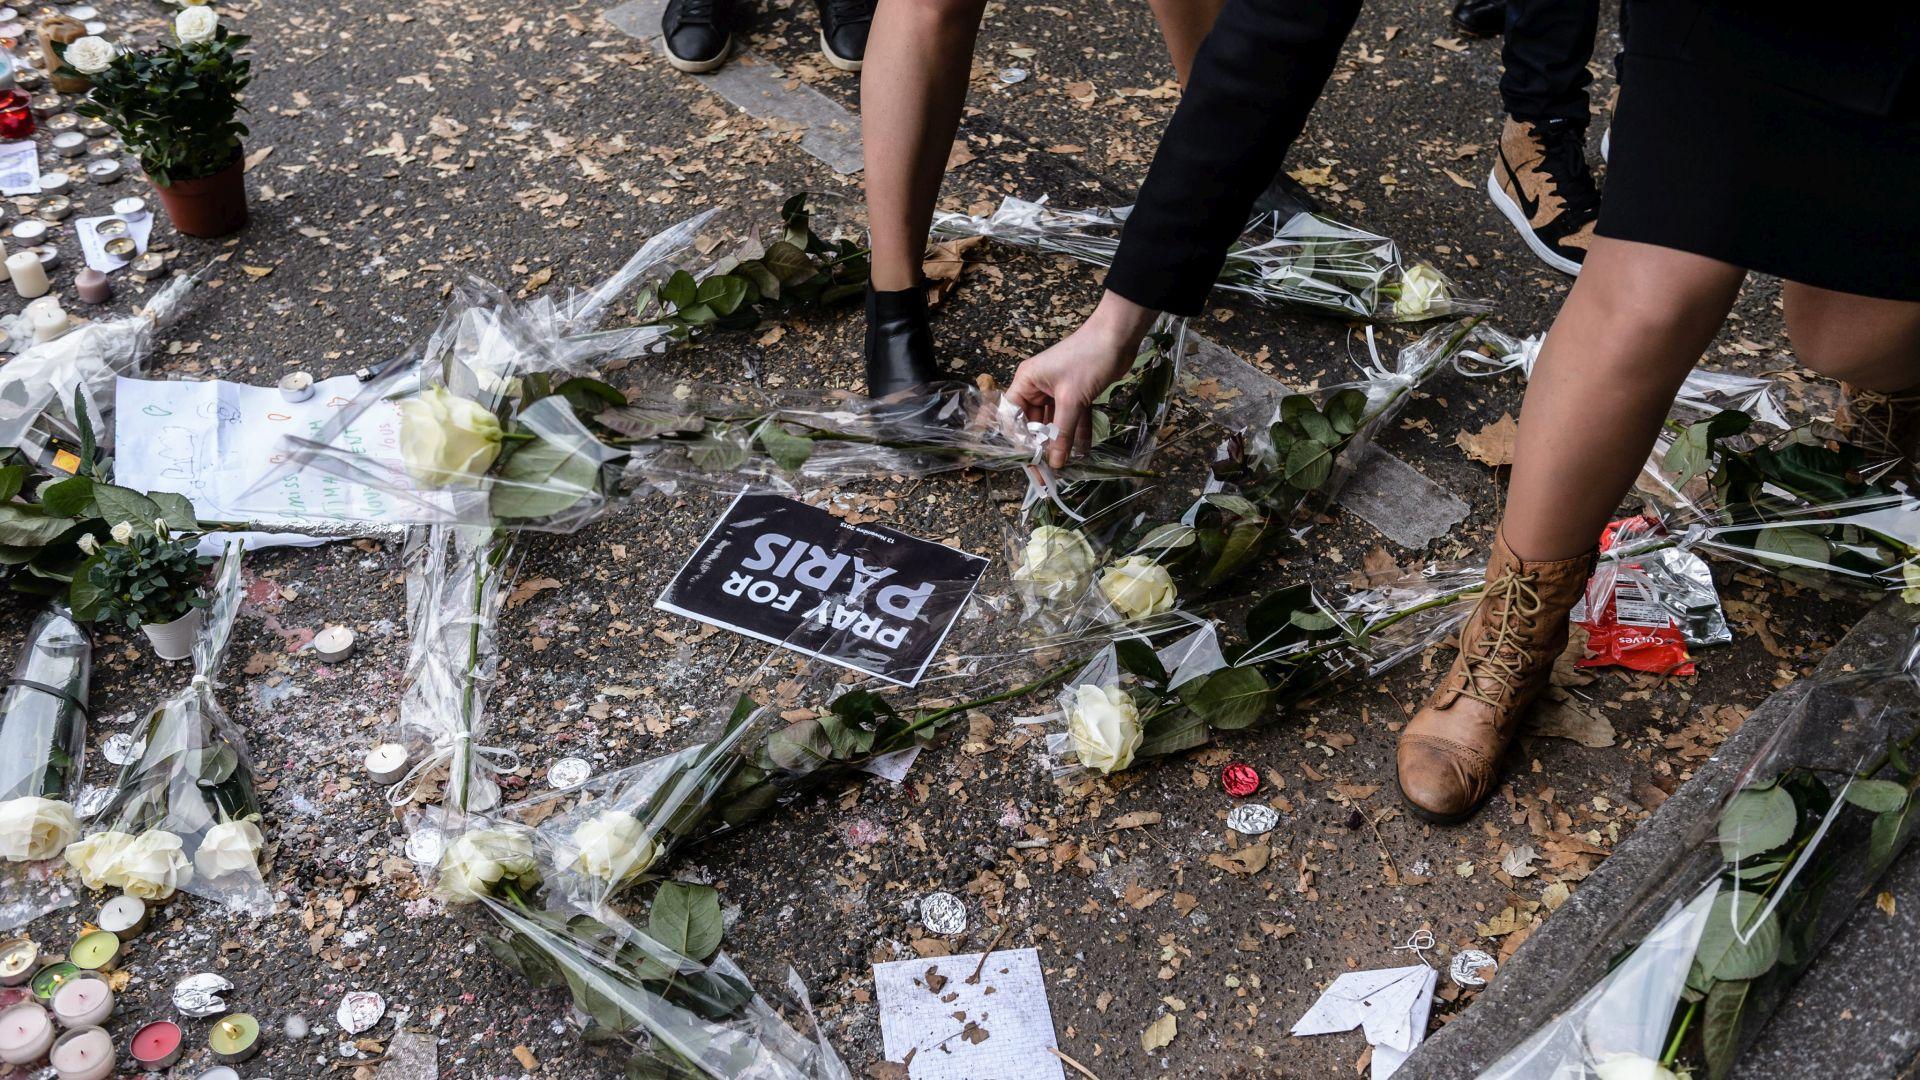 Francuski džihadist na audio snimci preuzima odgovornost za atentate u Parizu